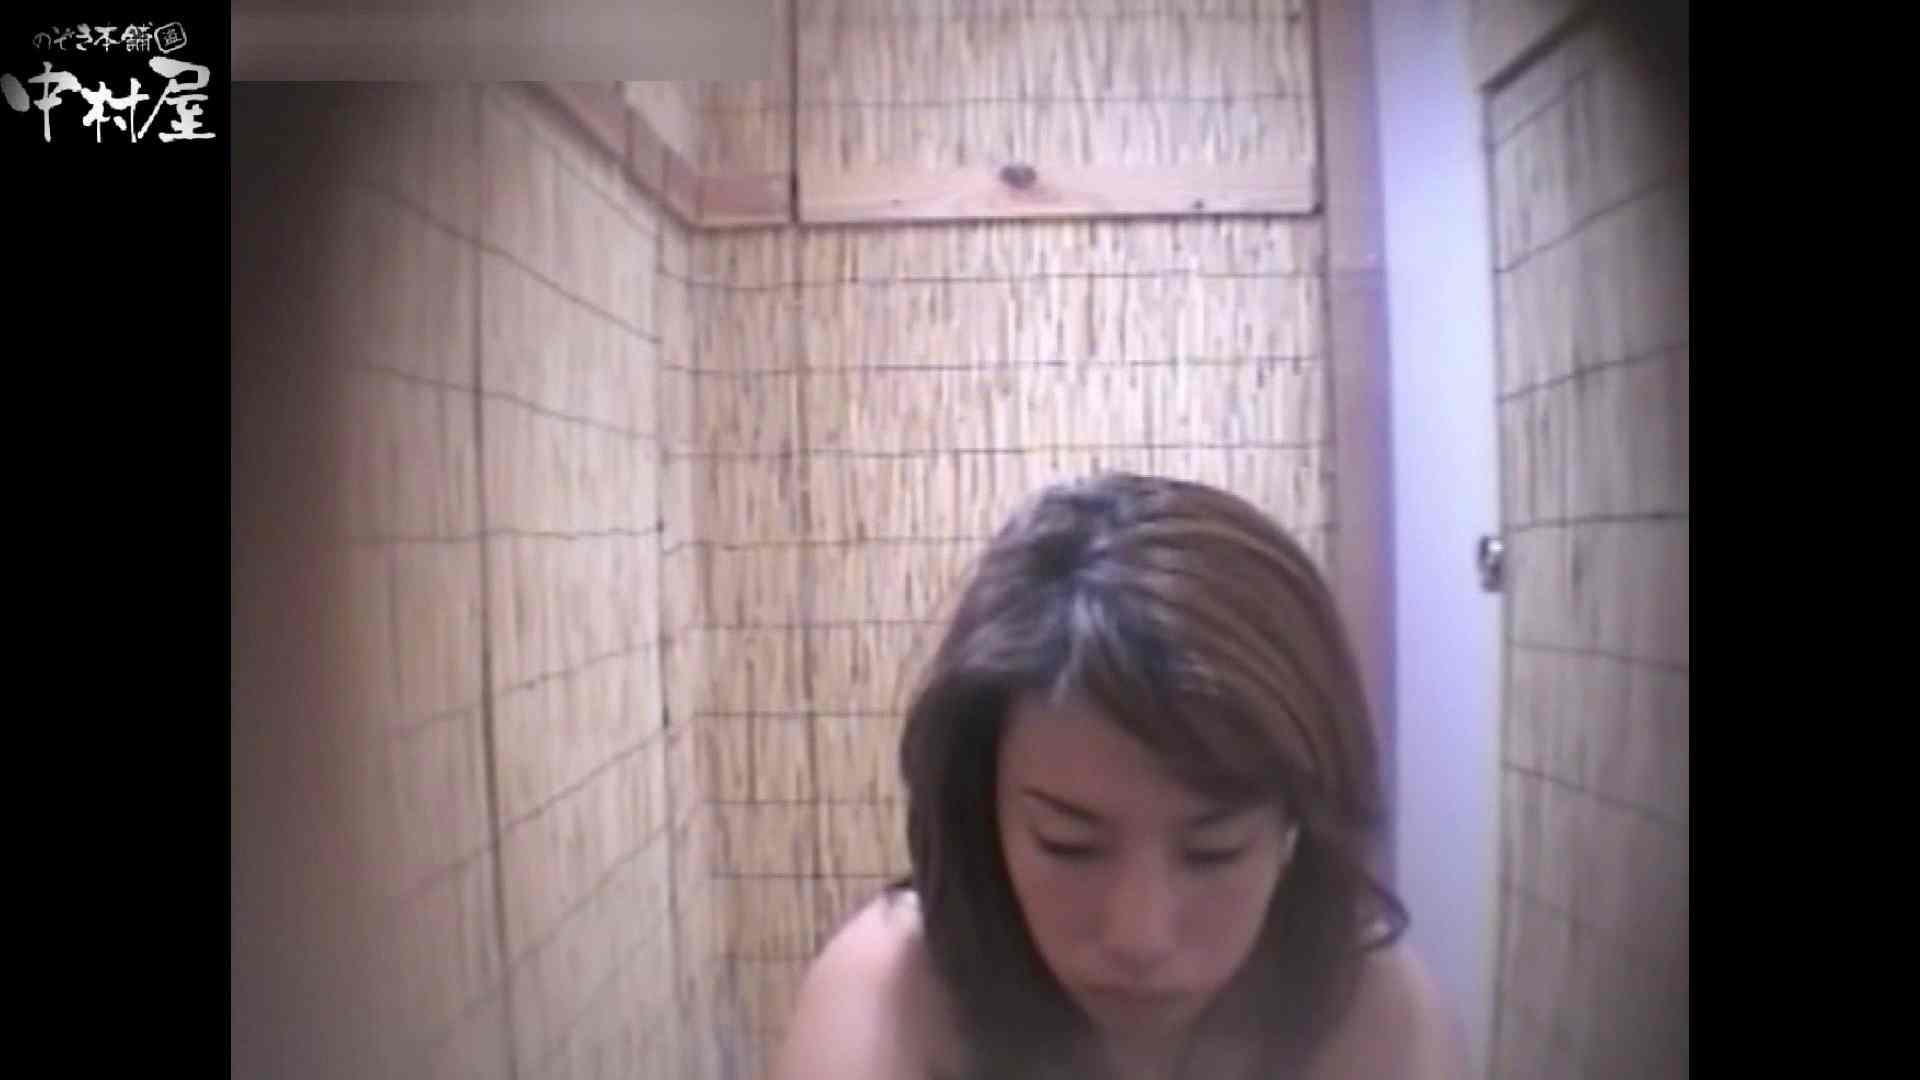 解禁!海の家4カメ洗面所vol.74 ギャルのエロ動画 セックス無修正動画無料 105PIX 8